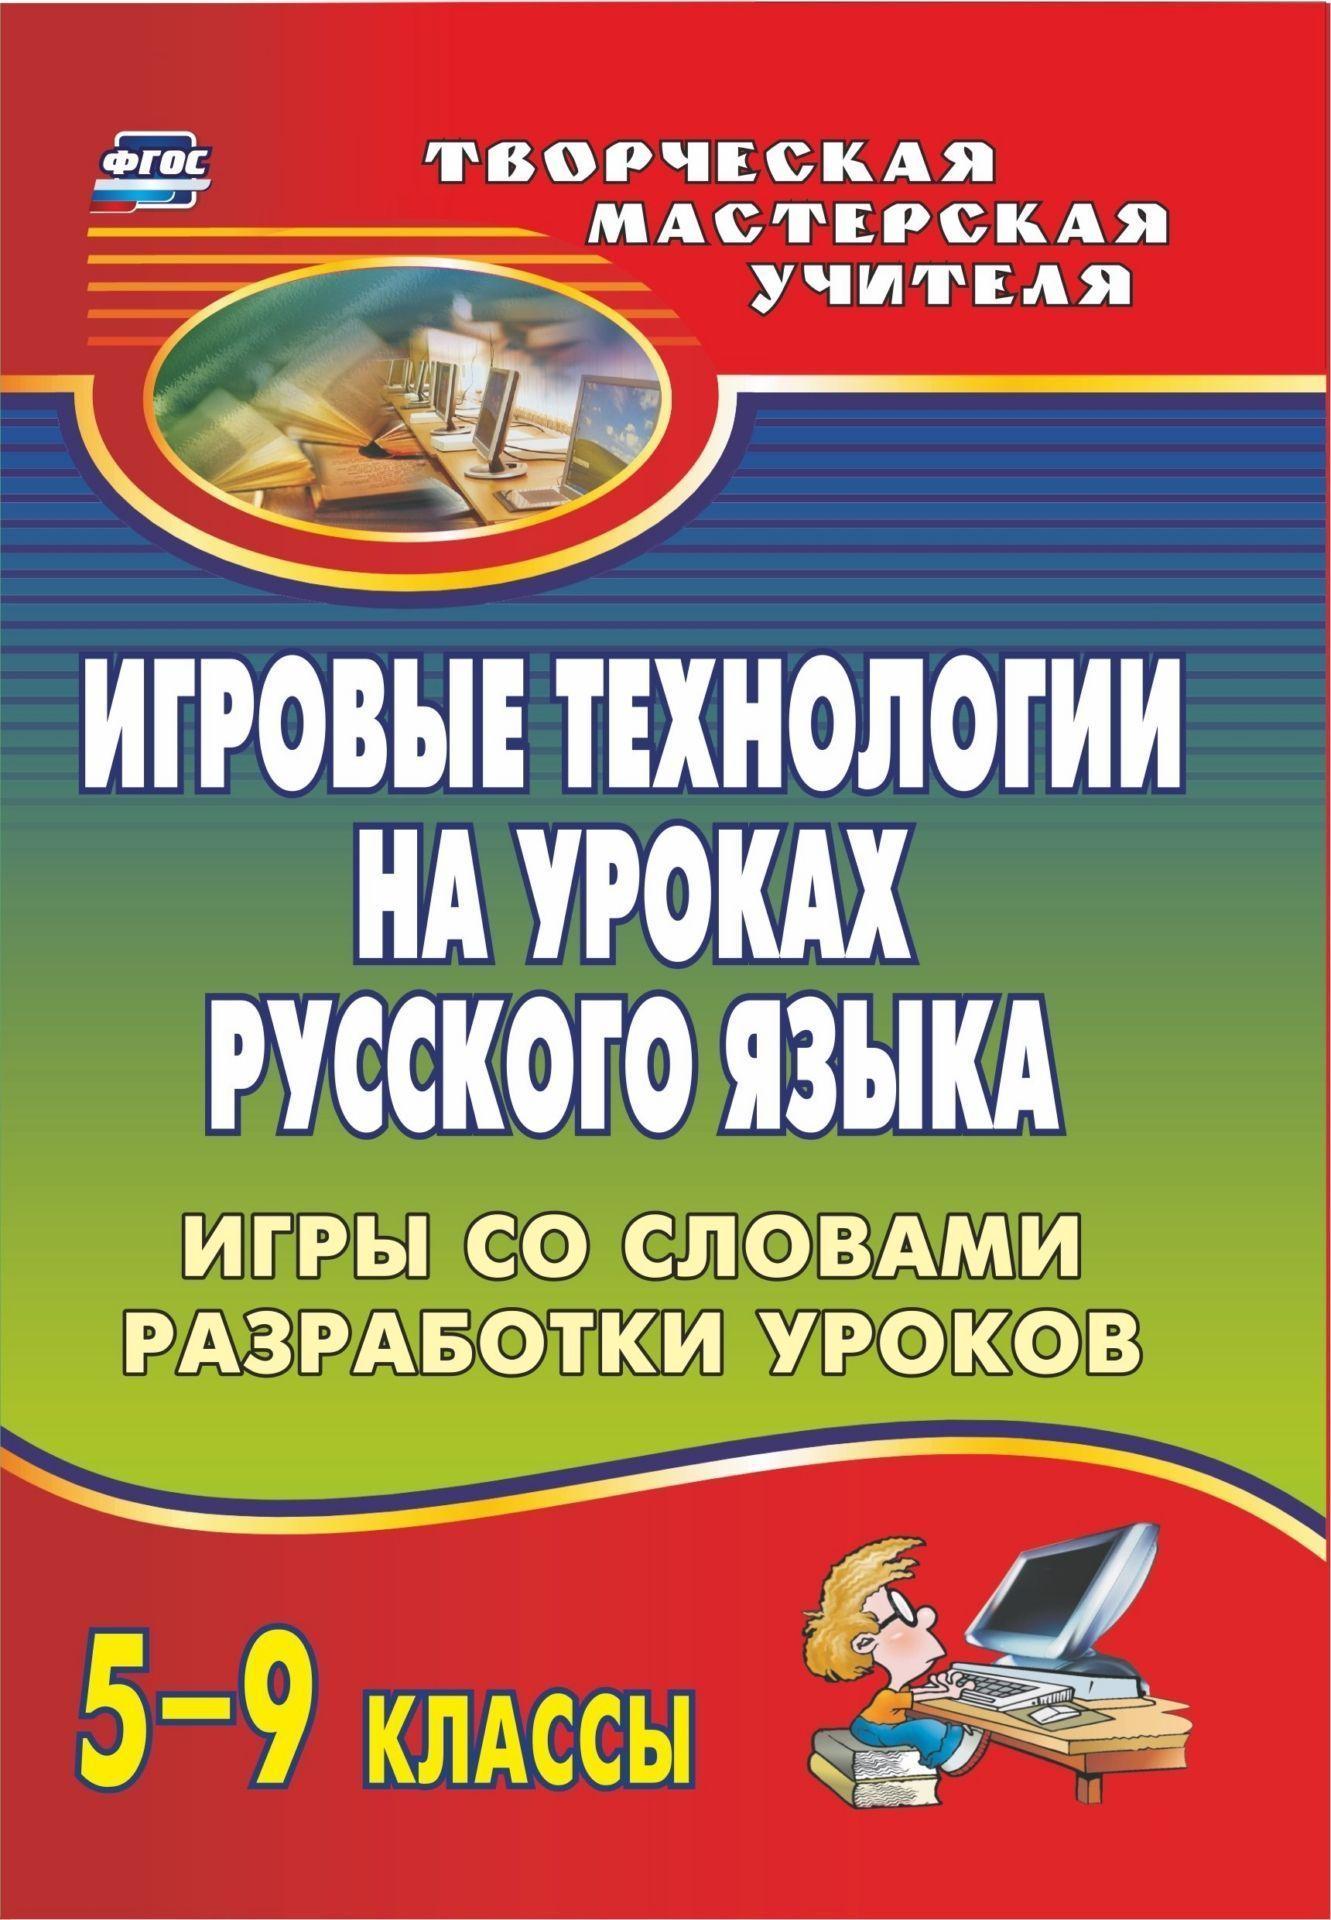 Купить со скидкой Игровые технологии на уроках русского языка. 5-9 классы: игры со словами, разработки уроков